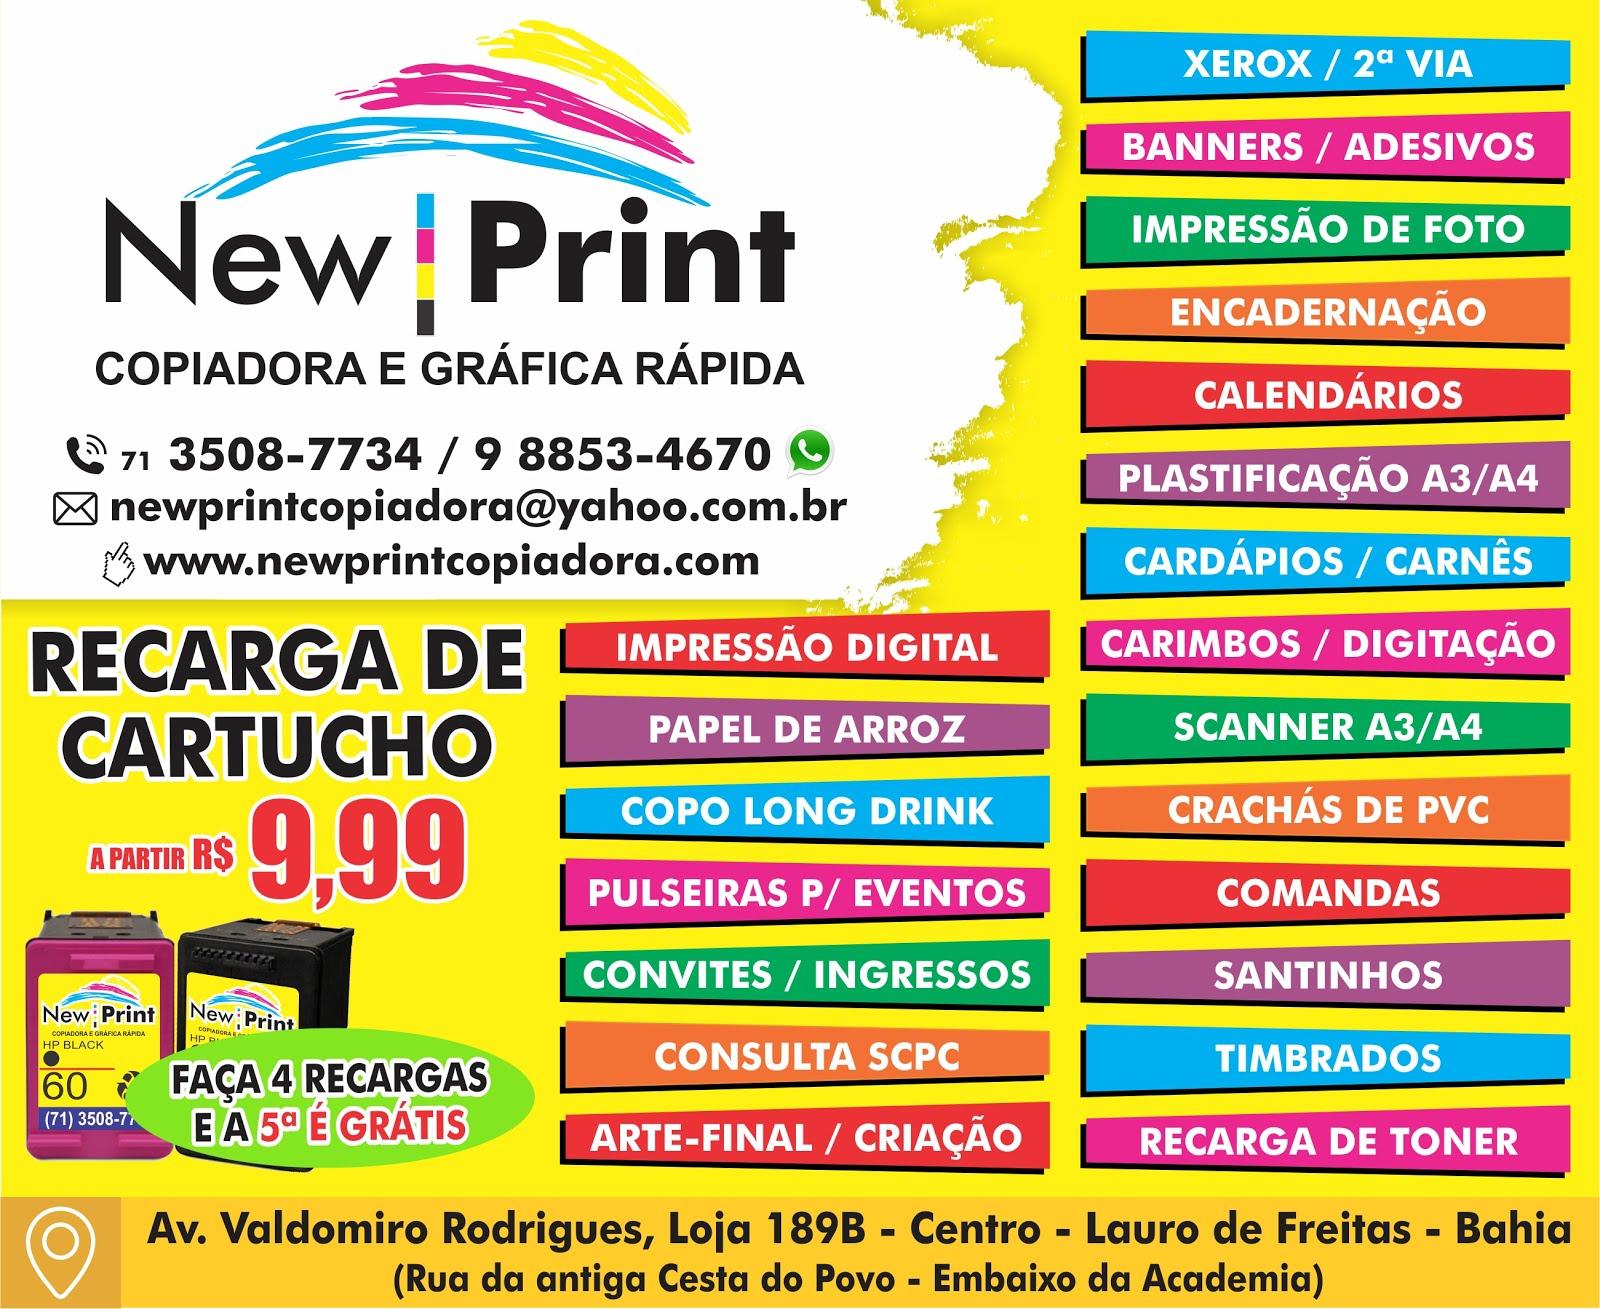 NEW PRINT COPIADORA GRÁFICA RÁPIDA EM LAURO DE FREITAS